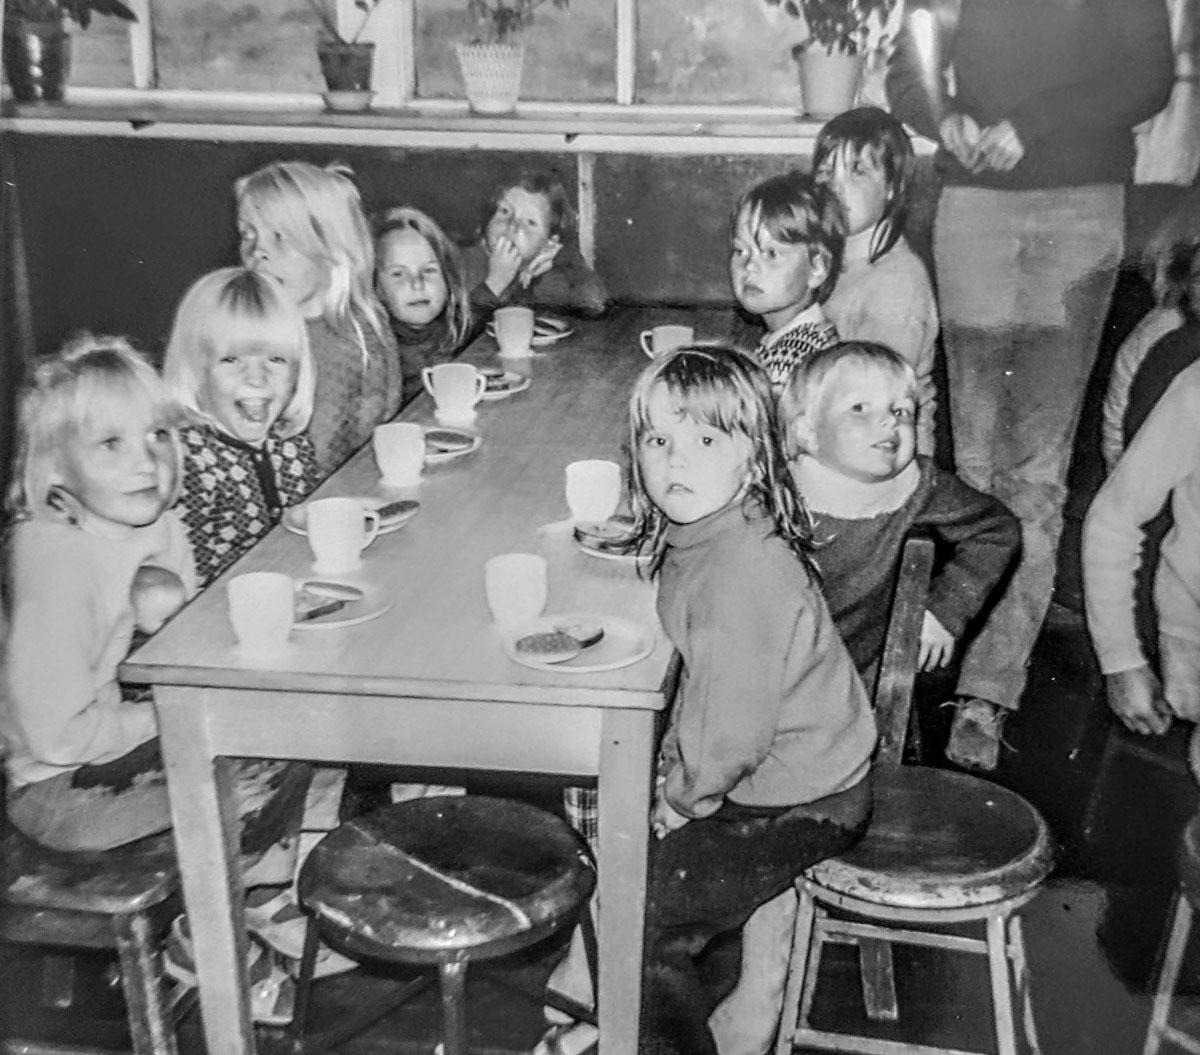 1970 - Elva, Auður, Anna, Kristbjörg, Karen, Klara, Sigrid, Íris, Tóki, Linda. Mynd: Olga Sverrisdóttir